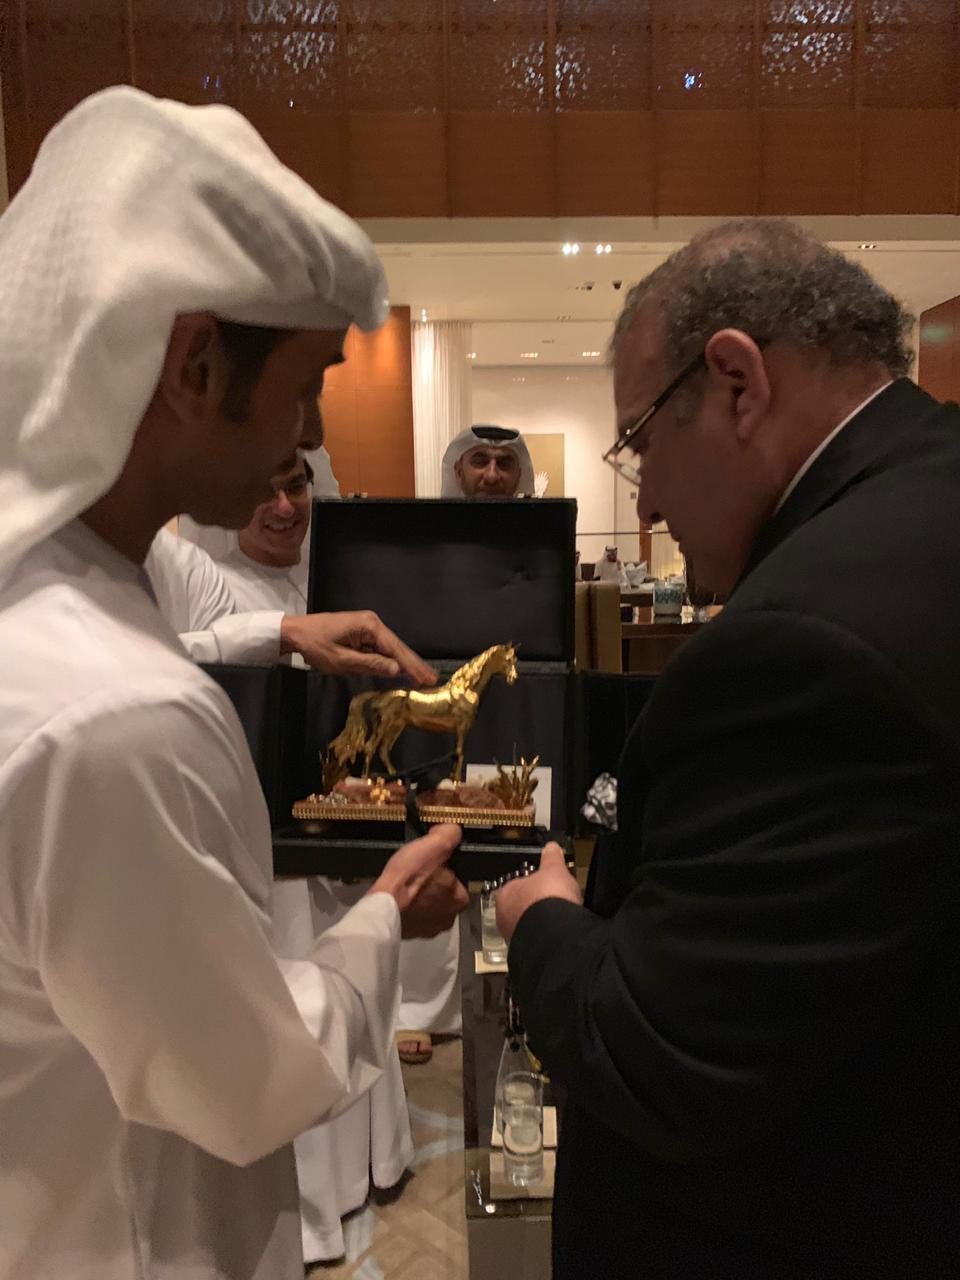 درع الحصان العربى الذهبى للدكتور حسن راتب لإسهامه فى اعداد موسوعة حكيم العرب (4)